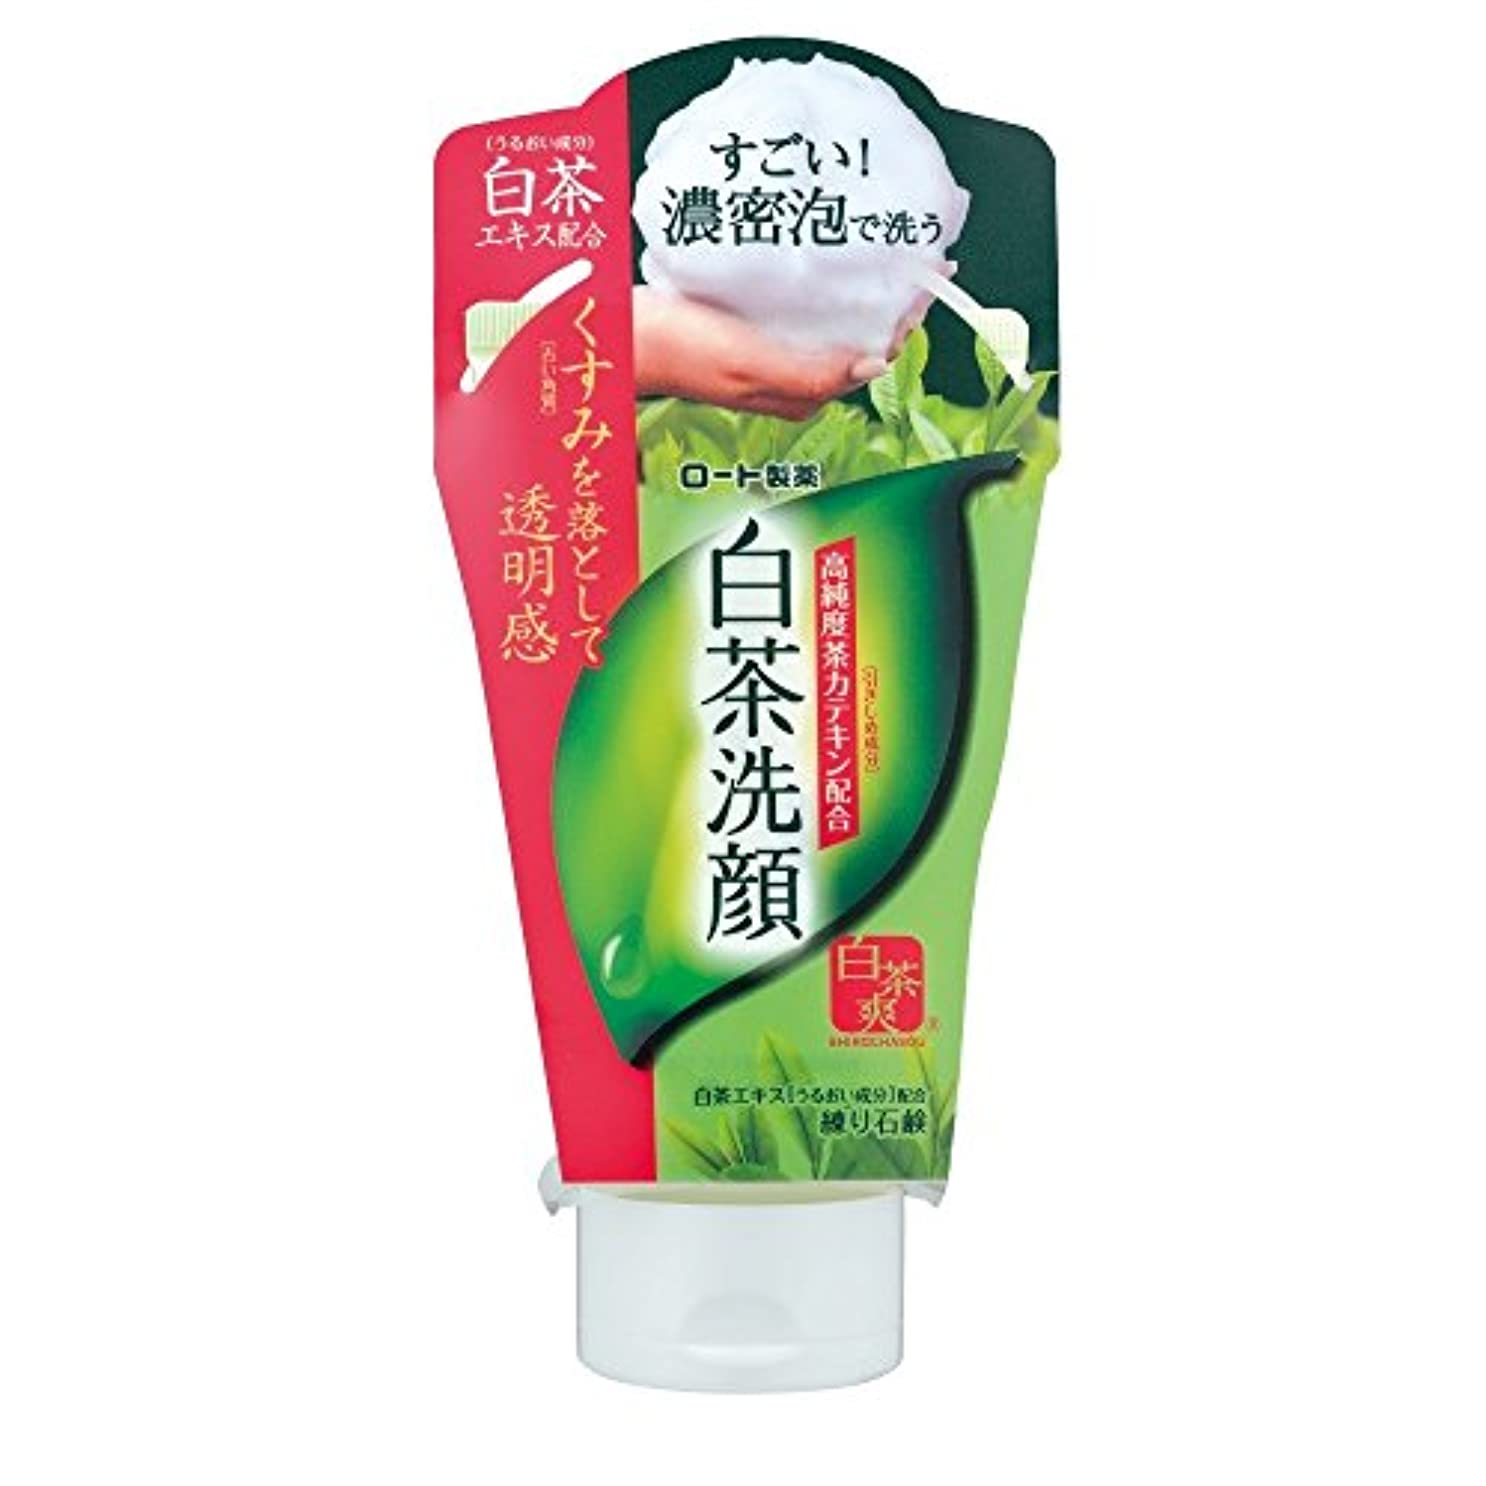 ログ許される普通の白茶爽 白茶練り石鹸 120g